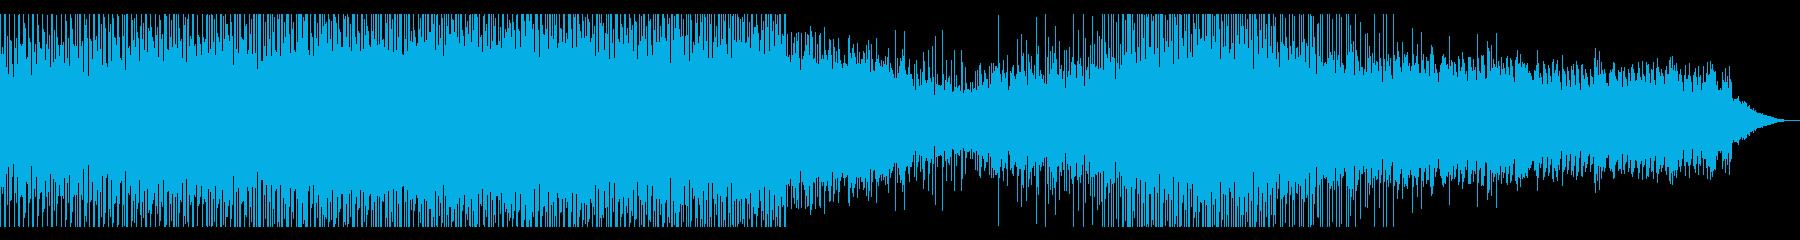 CM,各種映像等に メロウなテクノポップの再生済みの波形